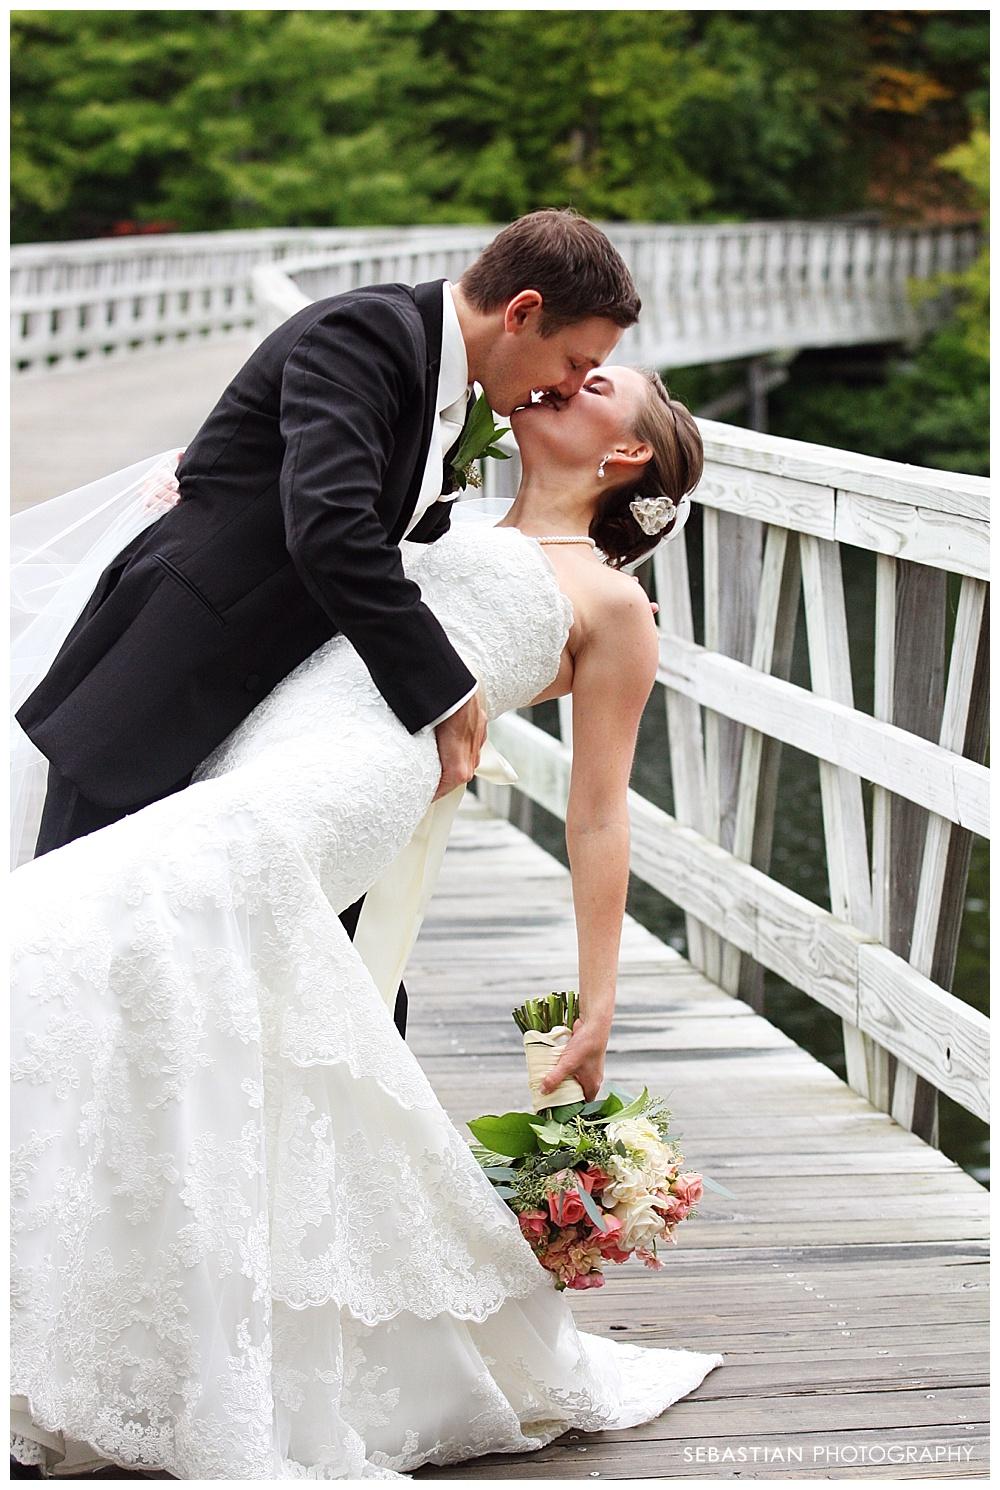 Sebastian_Photography_Studio_Wedding_Kohnle_LakeOfIsles_39.jpg